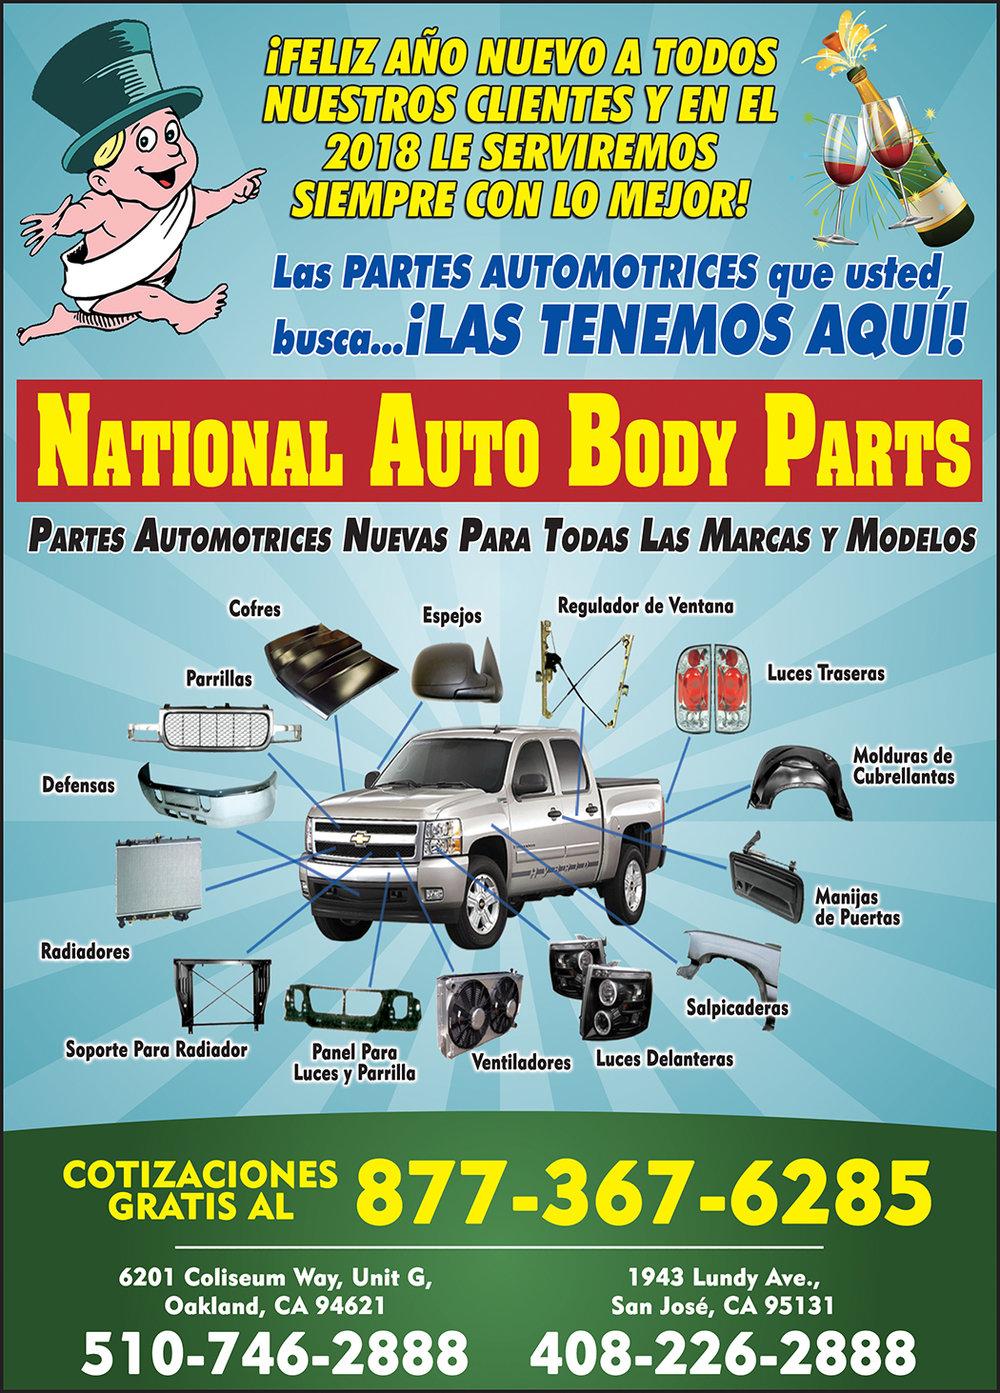 National Auto Body Parts 1 PAG ENERO 2018.jpg